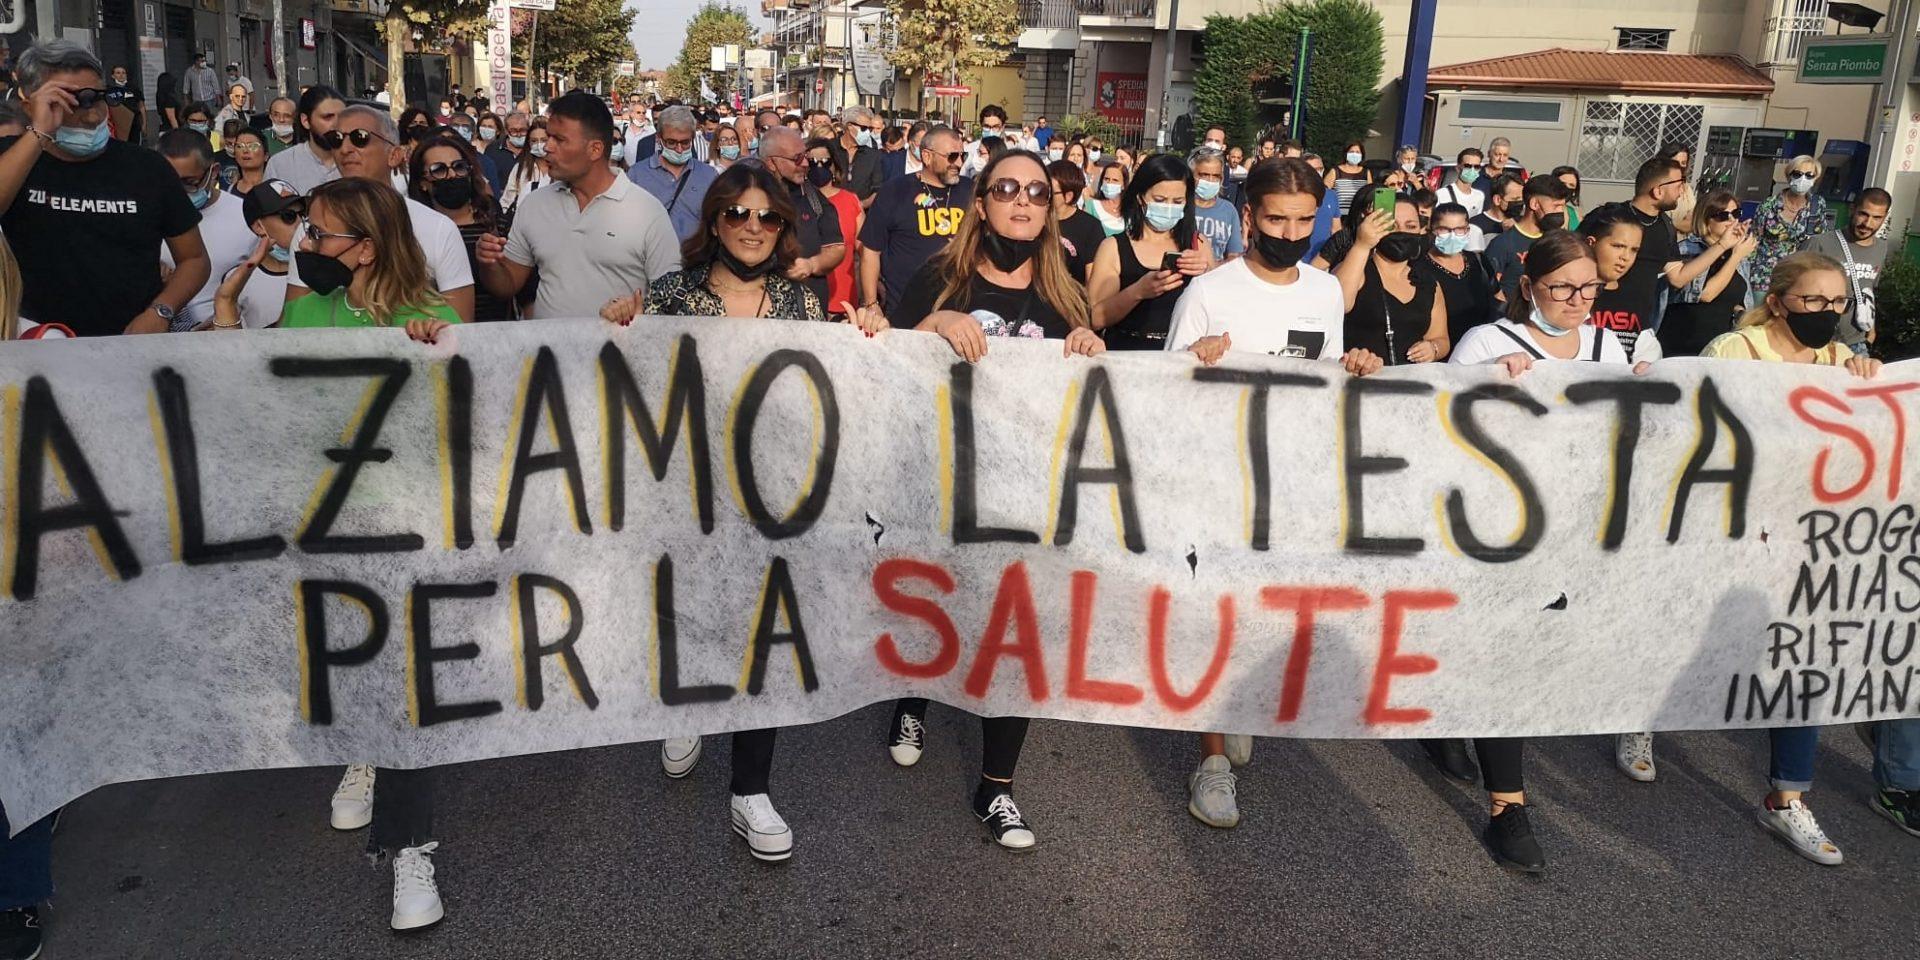 La Terra dei fuochi alza la testa: ieri manifestazione pacifica per la tutela dell'ambiente e della salute pubblica